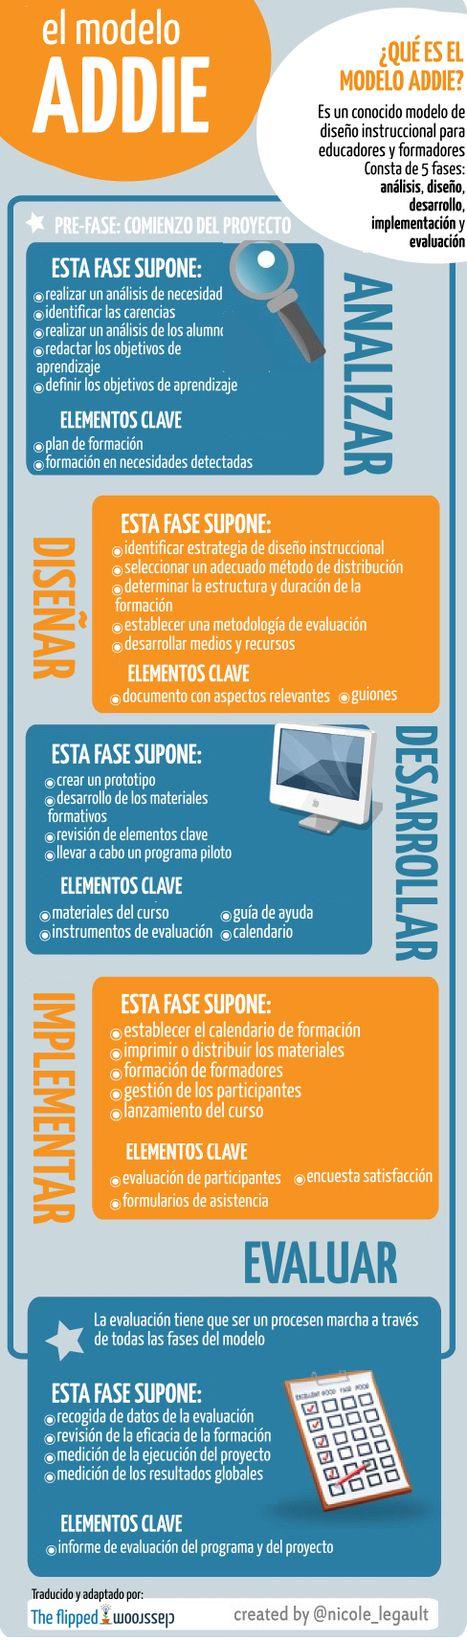 Un infográfico sobre el modelo ADDIE   Diseño Instruccional para e-learning   Scoop.it